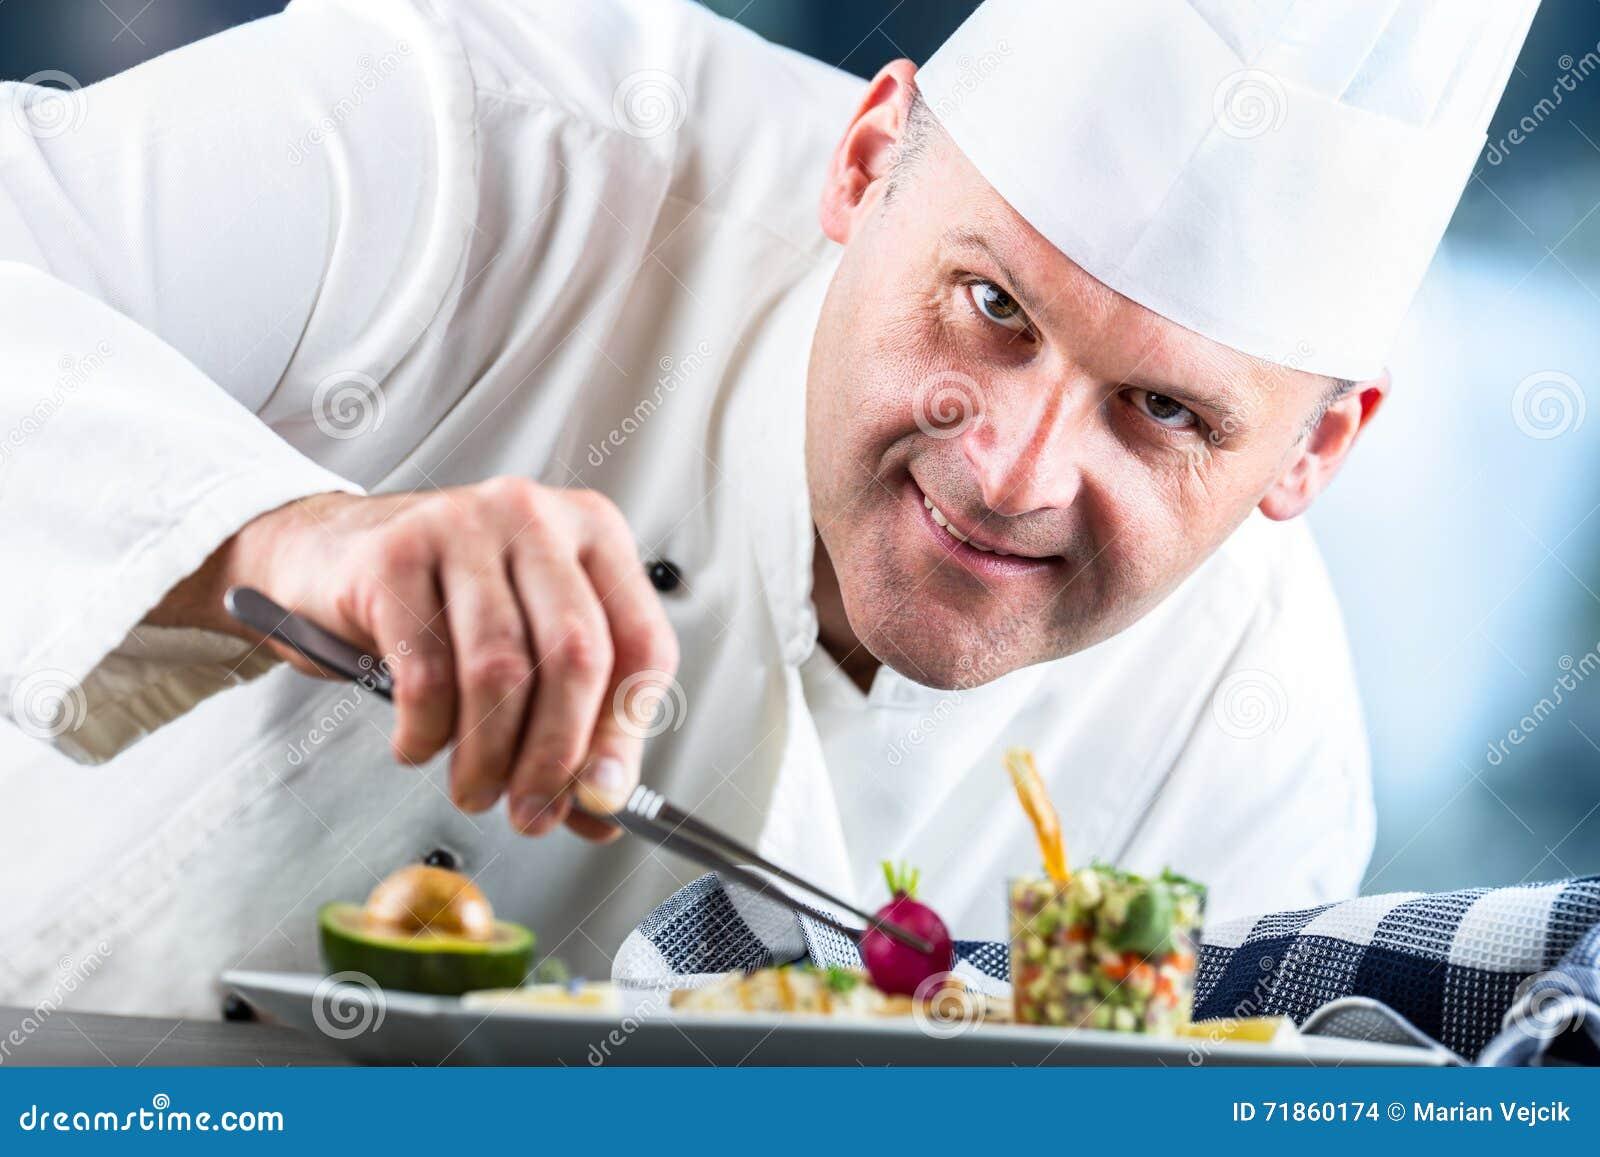 Cocinero Cocinero Cooking Cocinero que adorna el plato Cocinero que prepara una comida El cocinero en cocina del hotel o del rest